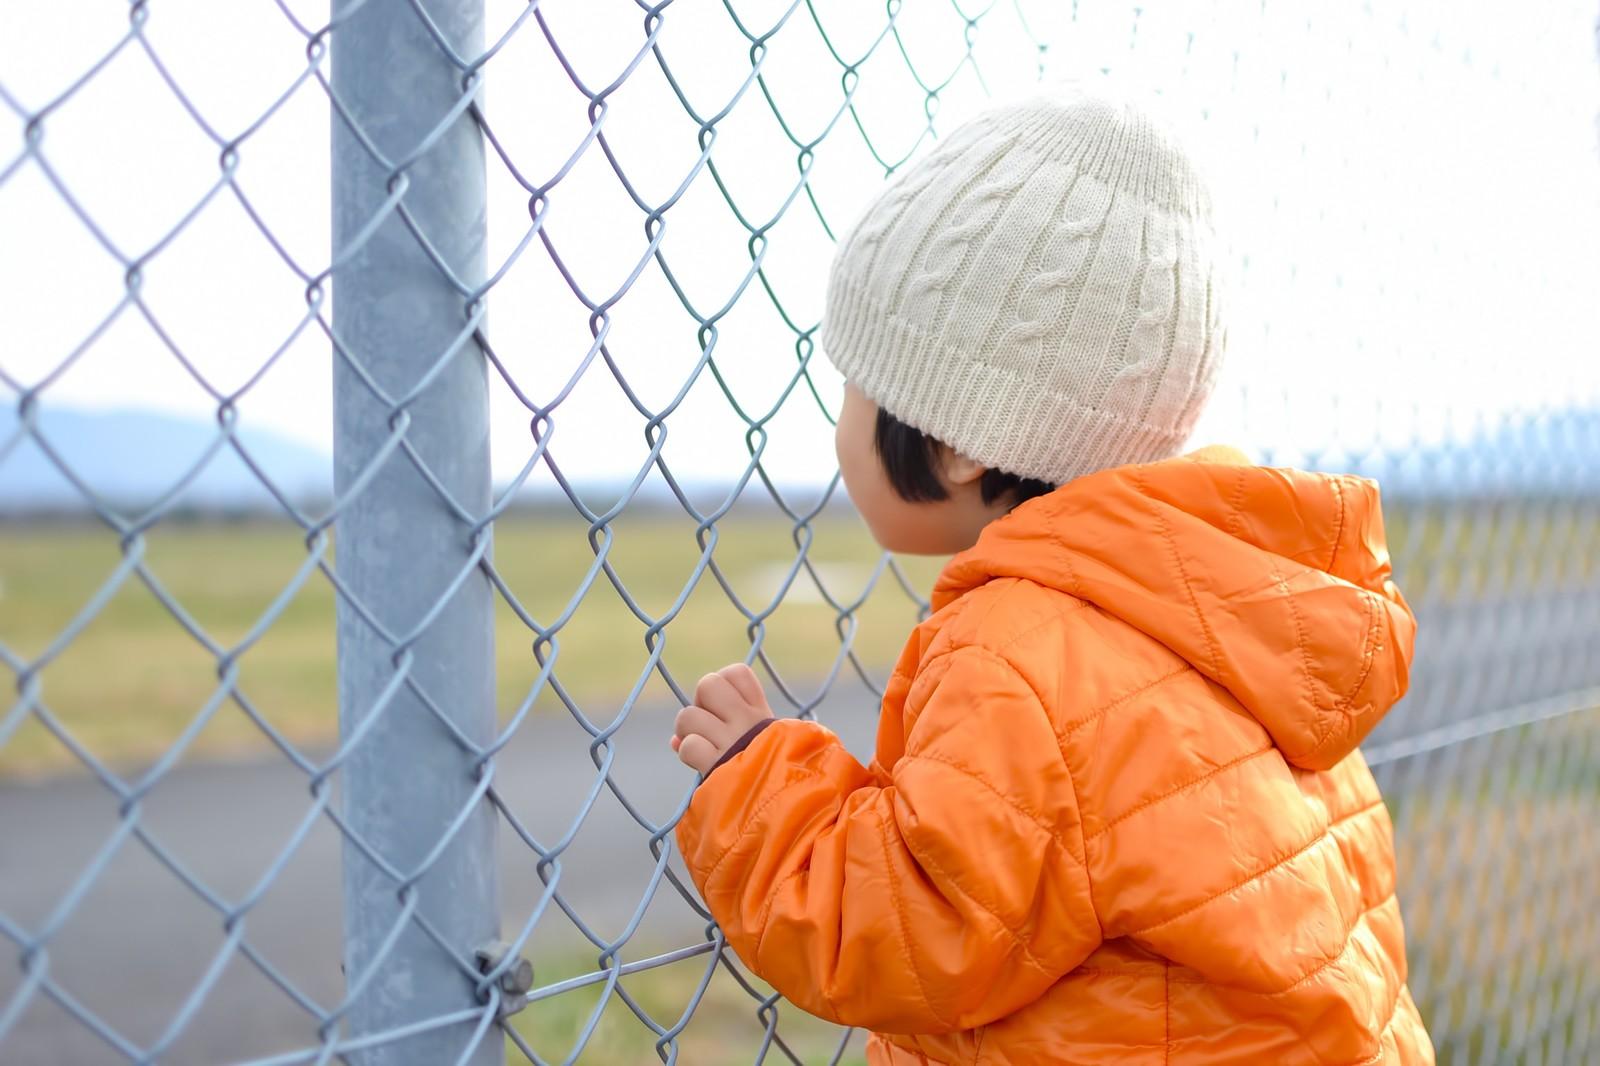 子供とフェンスがフェンスにしがみつく写真